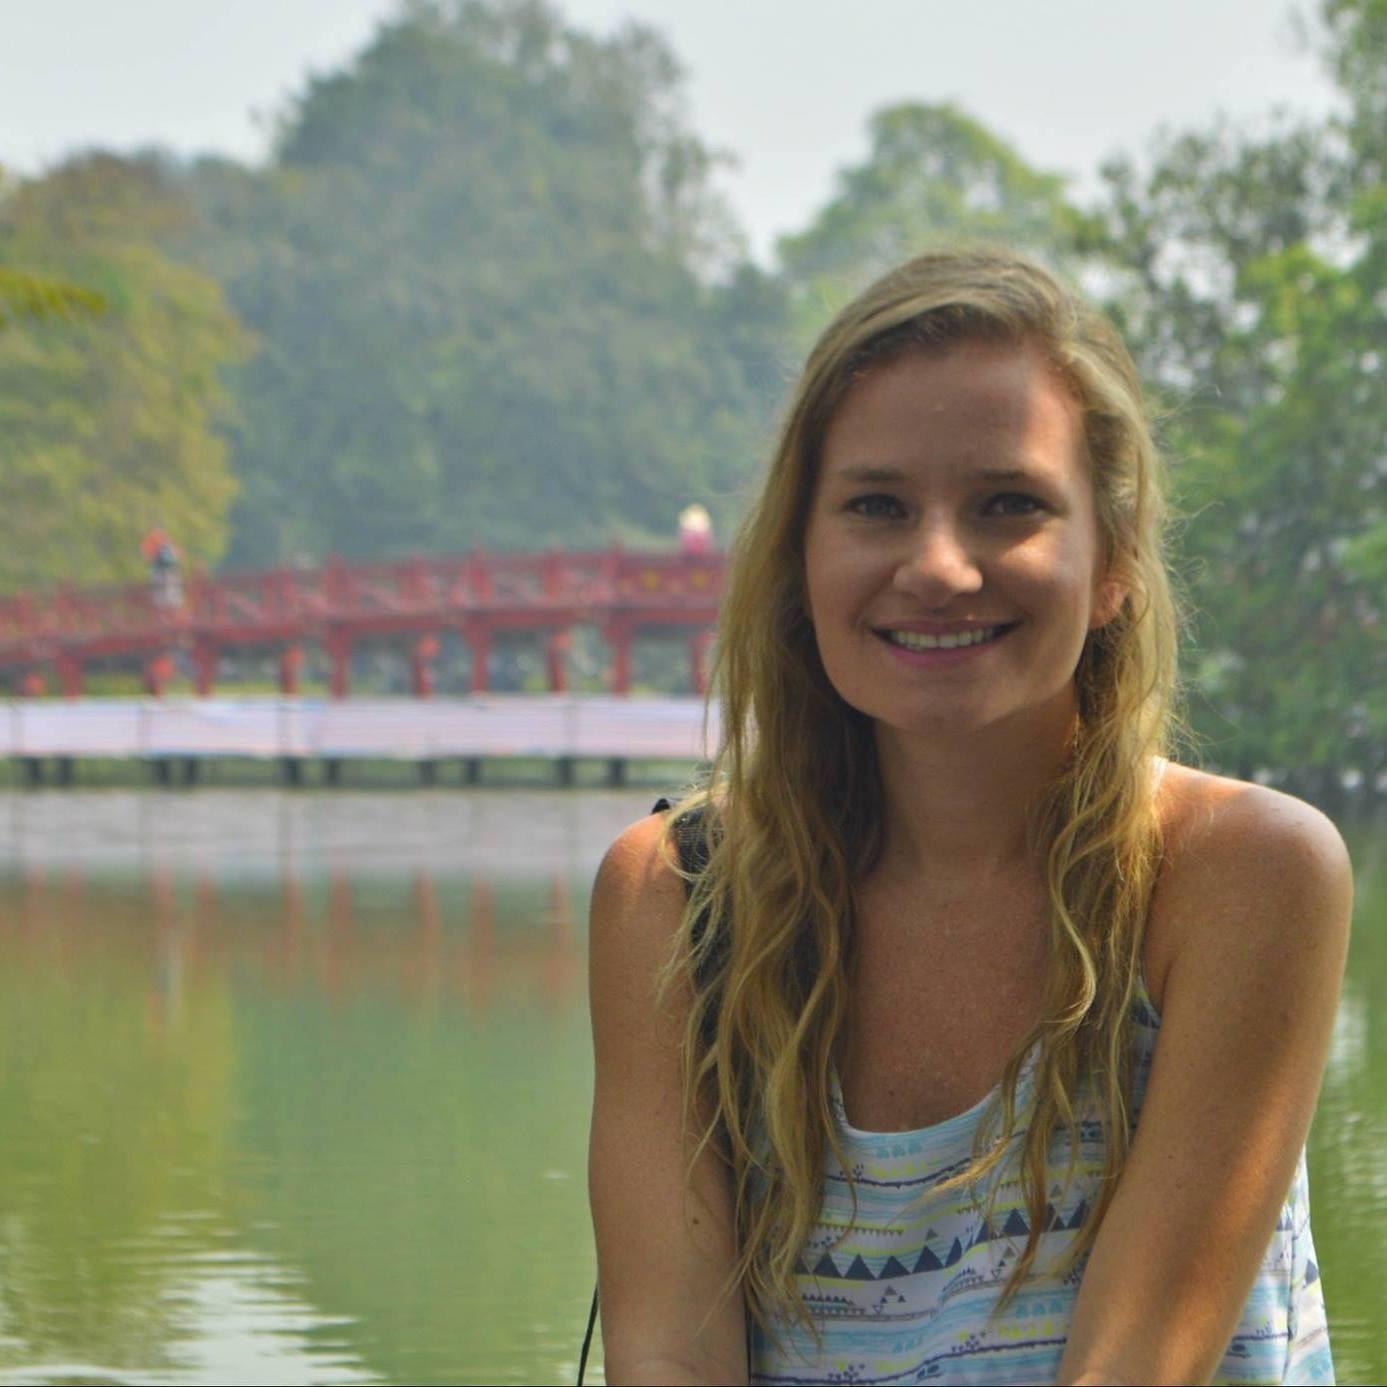 Jessica Bigio